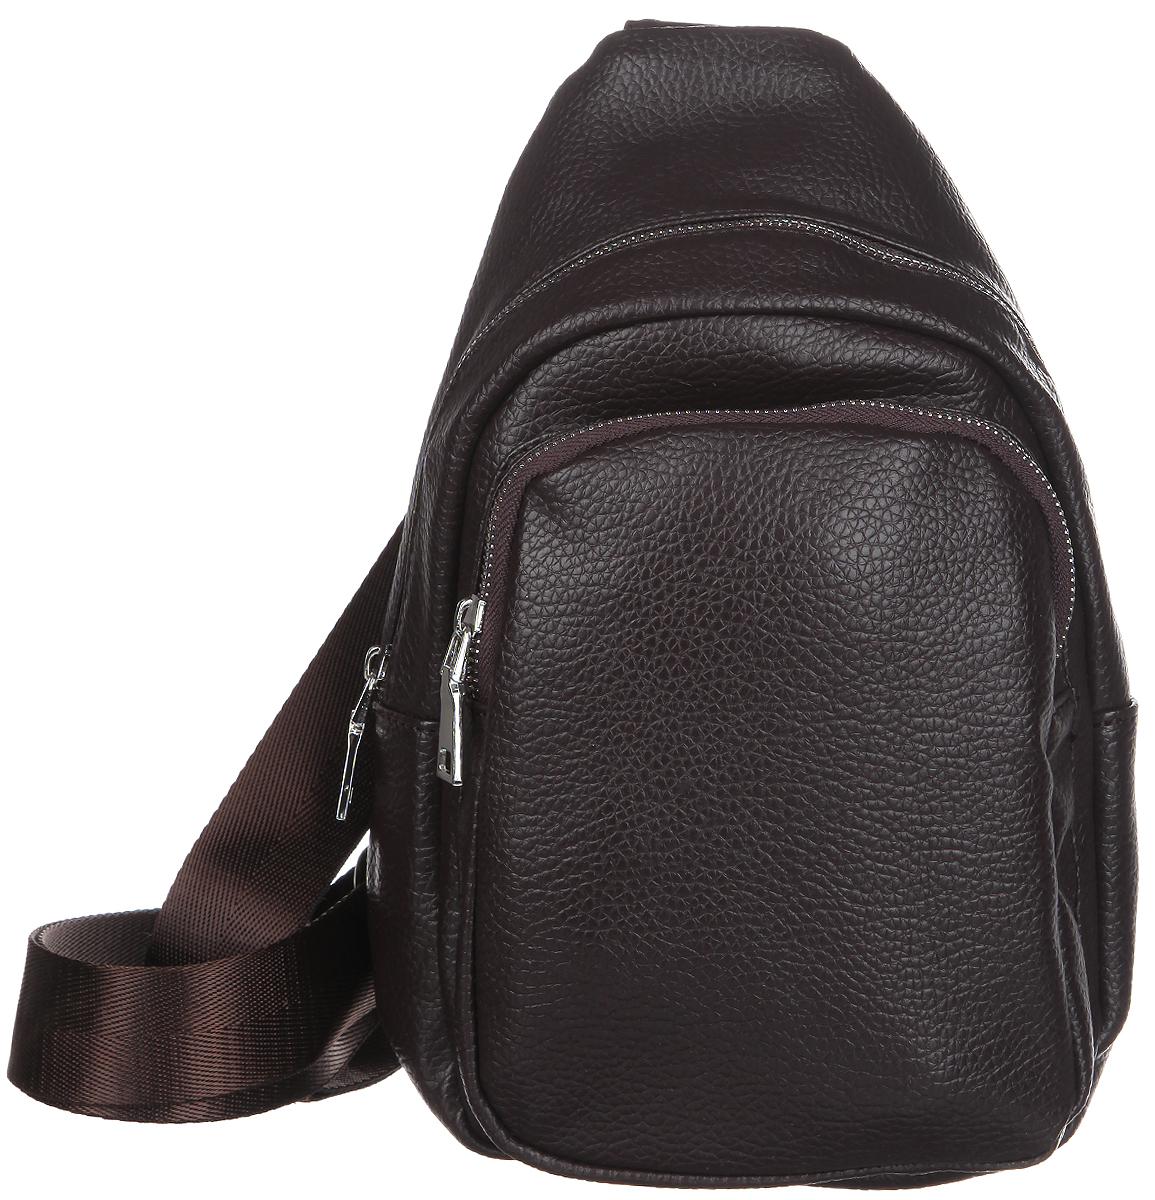 Сумка мужская Orsa Oro, цвет: темно-коричневый. D-232/55859425-002Мужская сумка Orsa Oro выполнена из экокожи темно-коричневого цвета. Сумка имеет одно основное отделение, закрывающееся на застежку-молнию. Внутри - один накладной карман для телефона и мелких принадлежностей. На лицевой стороне сумки расположен вшитый карман на застежке-молнии. Для удобства предусмотрена актуальная ручка-лента регулируемой длины, что позволяет носить изделие как в руках, так и на плече. Такая сумка подчеркнет вашу яркую индивидуальность и оригинально дополнит ваш образ.